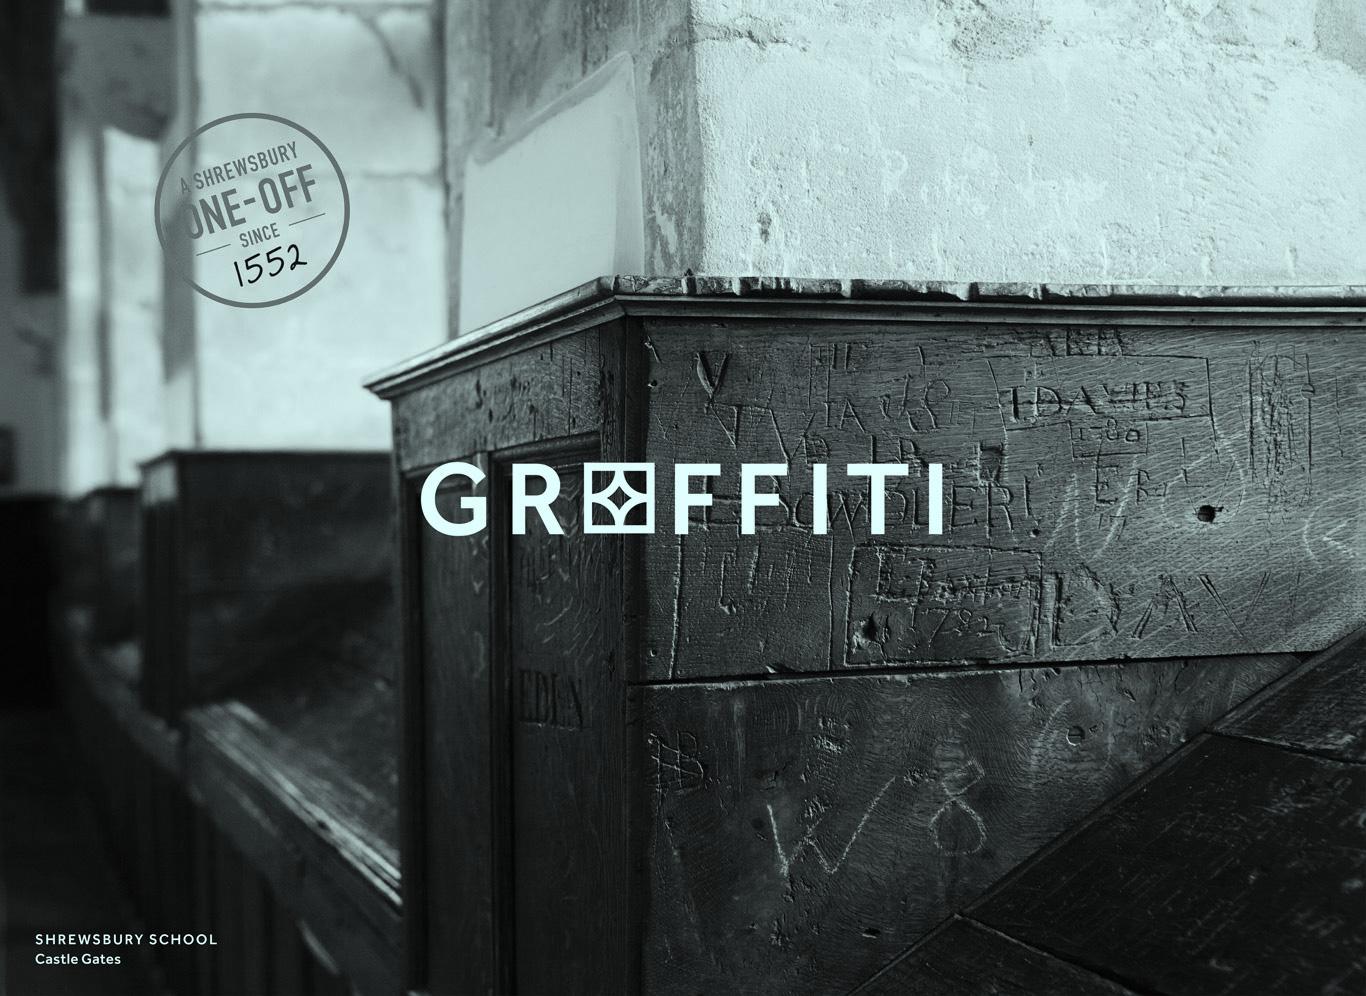 Shrewsbury School graffiti - a Shrewsbury one-off since 1552.